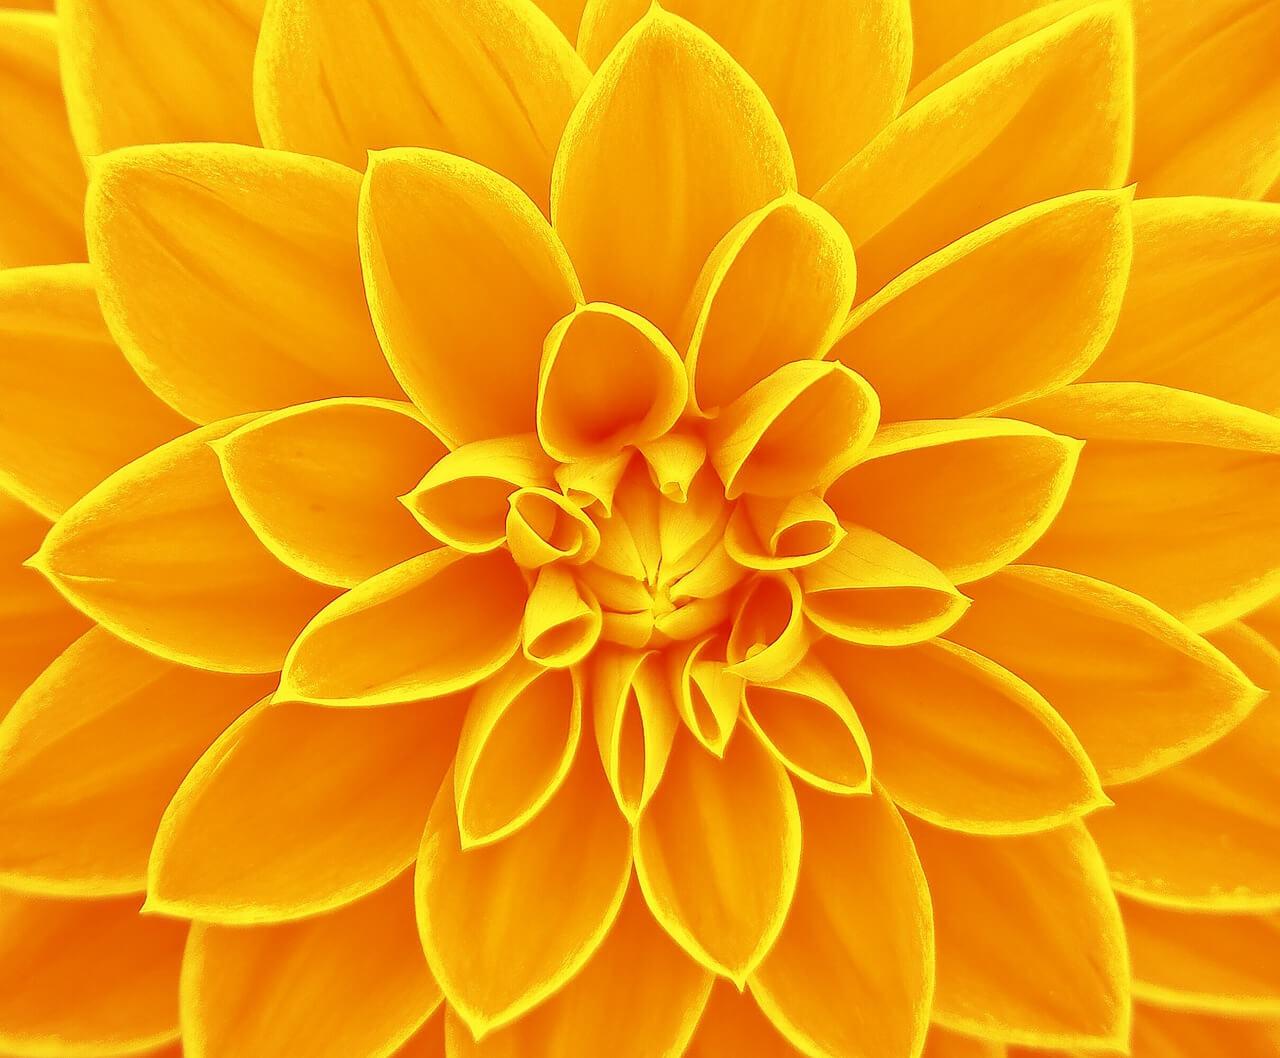 רקע פרח צהוב